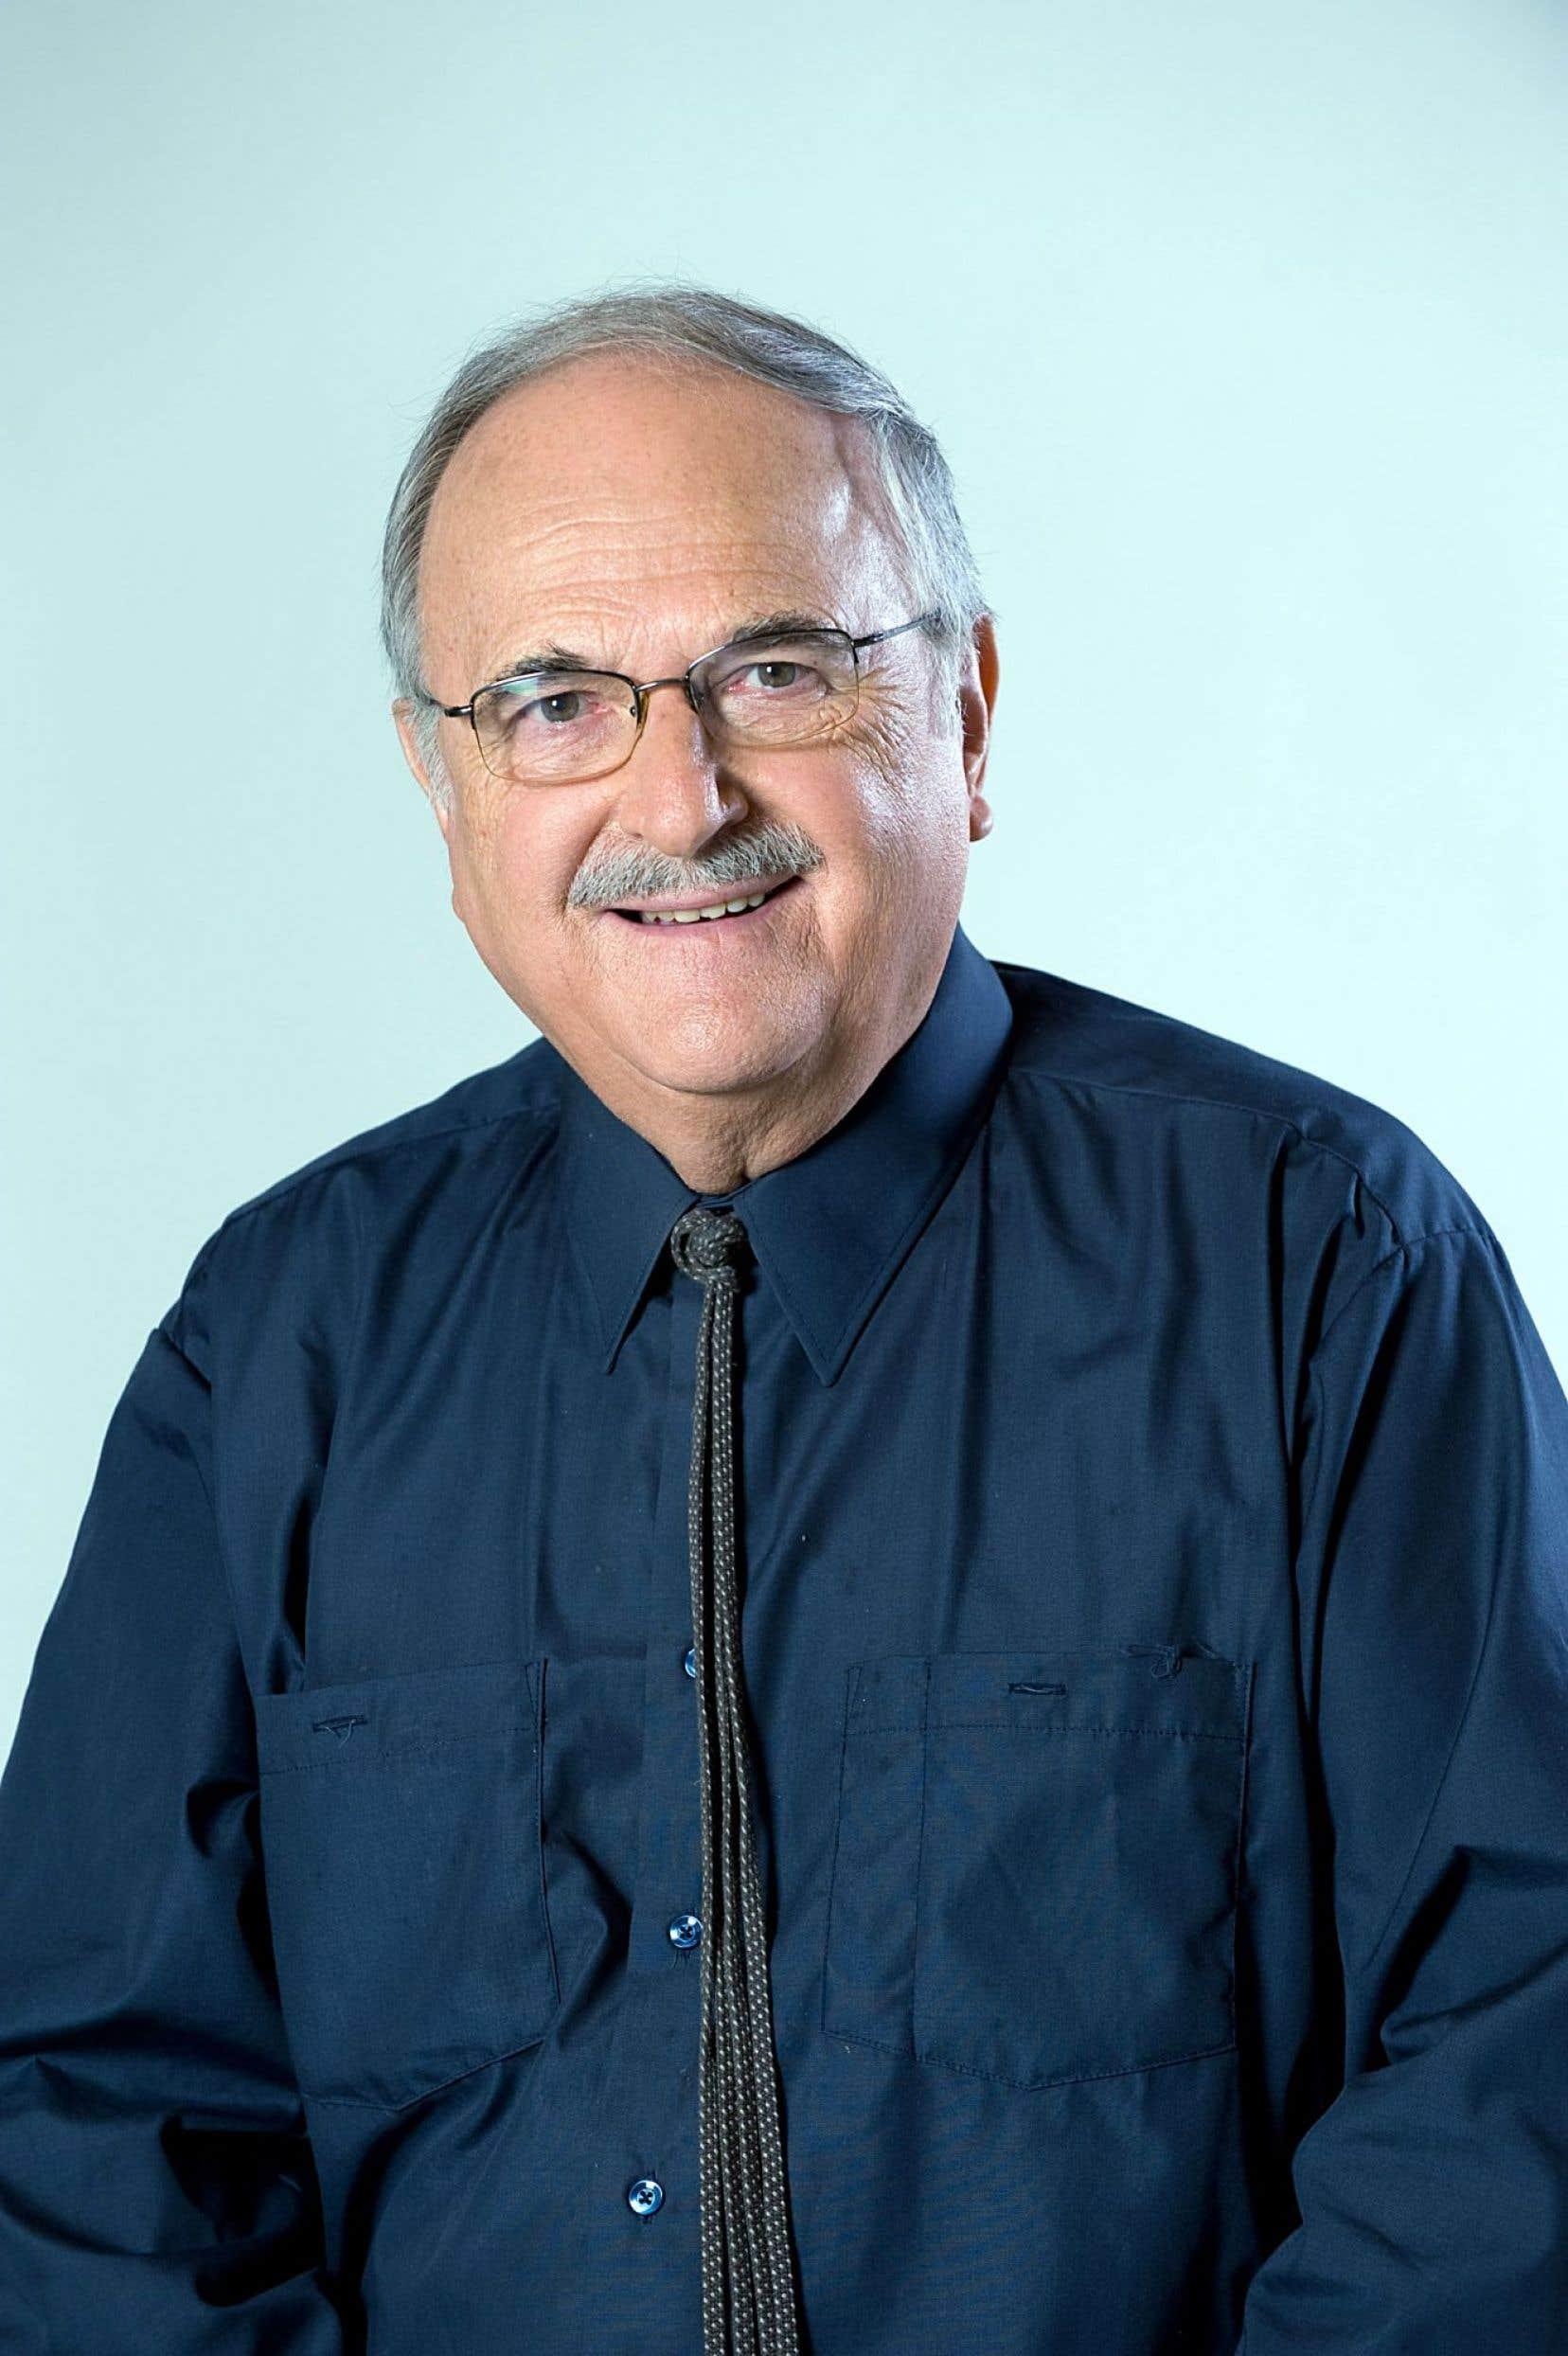 William Vazan fait partie des récipiendaires des Prix du gouverneur en arts visuels